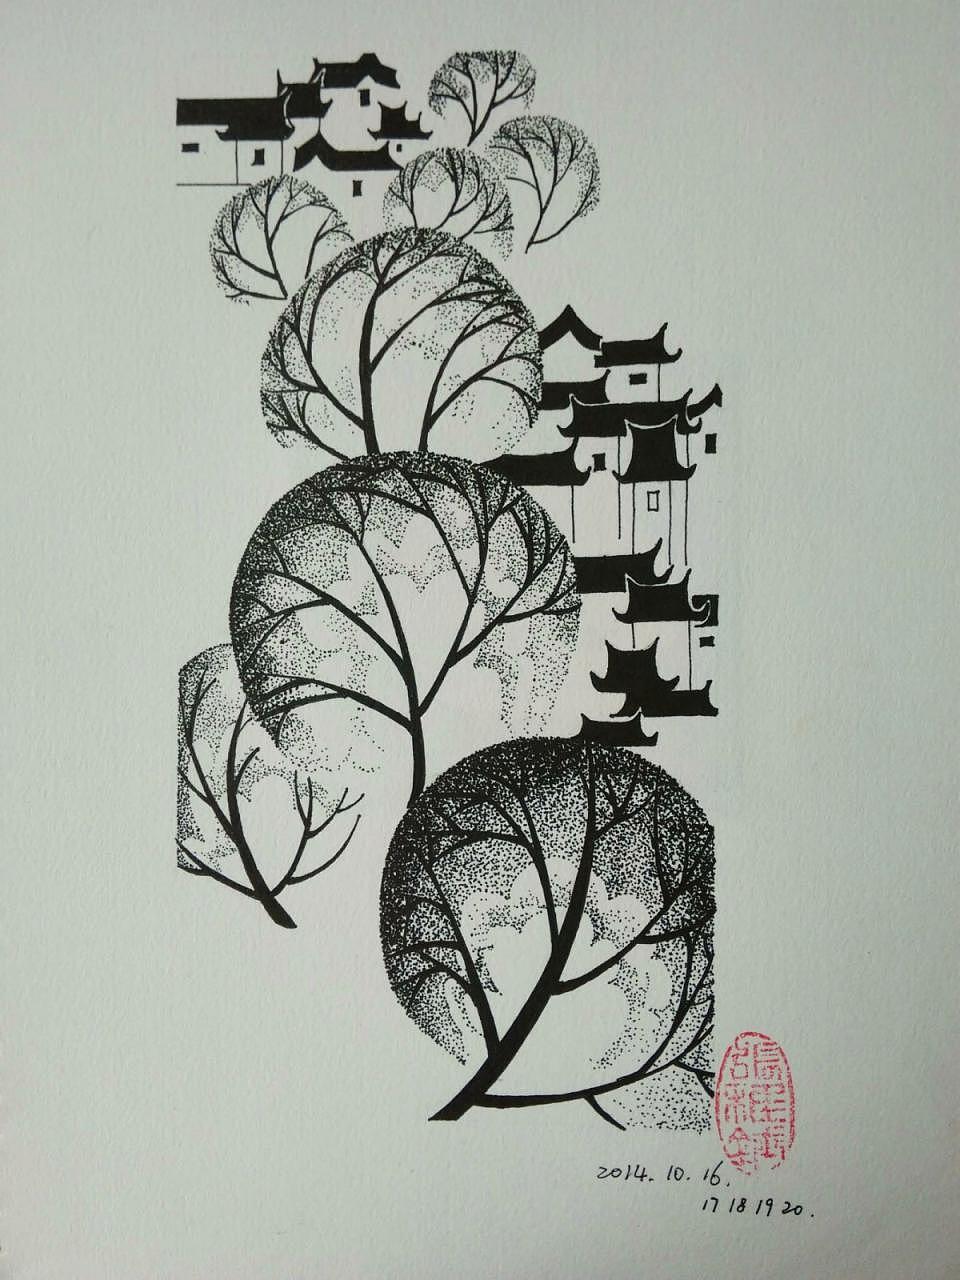 彩铅作品 及钢笔装饰画 集